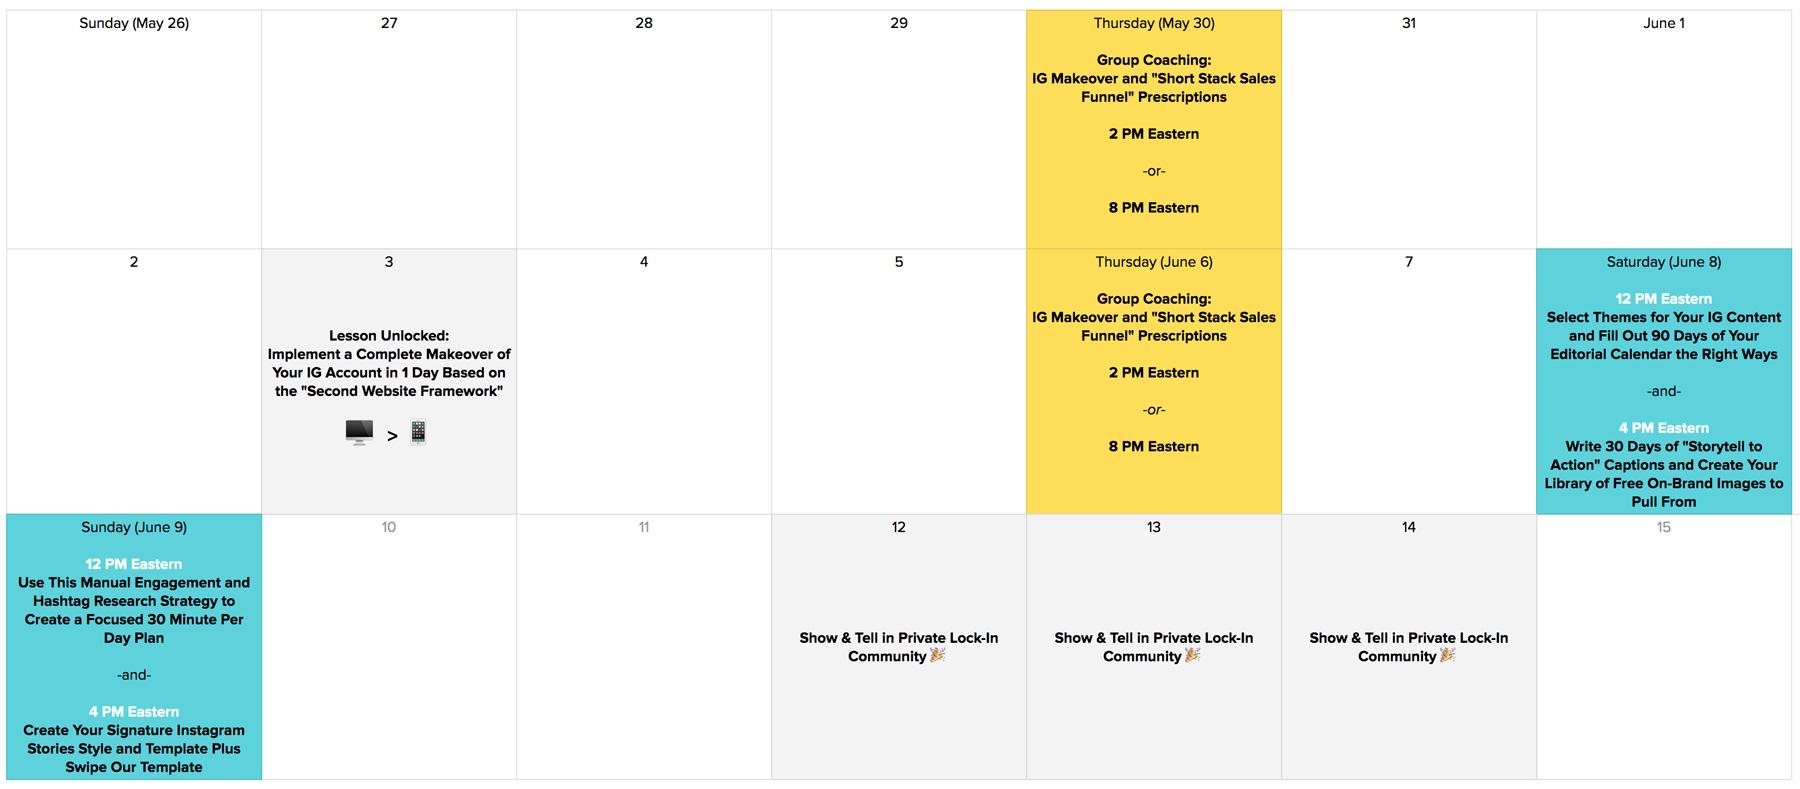 The-Schedule-June-2019.jpg